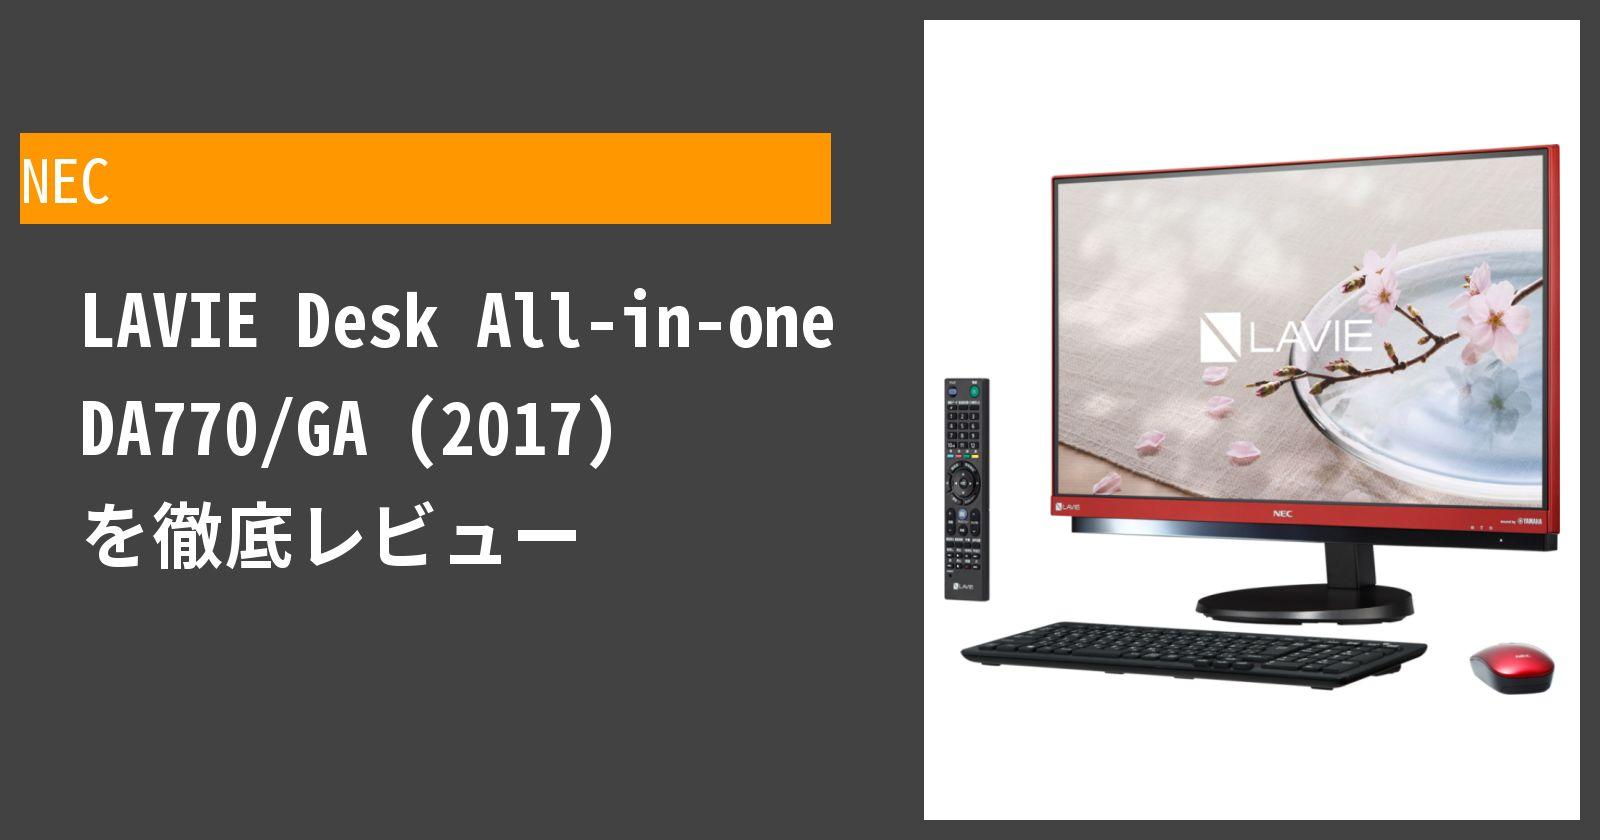 LAVIE Desk All-in-one DA770/GA (2017)を徹底評価